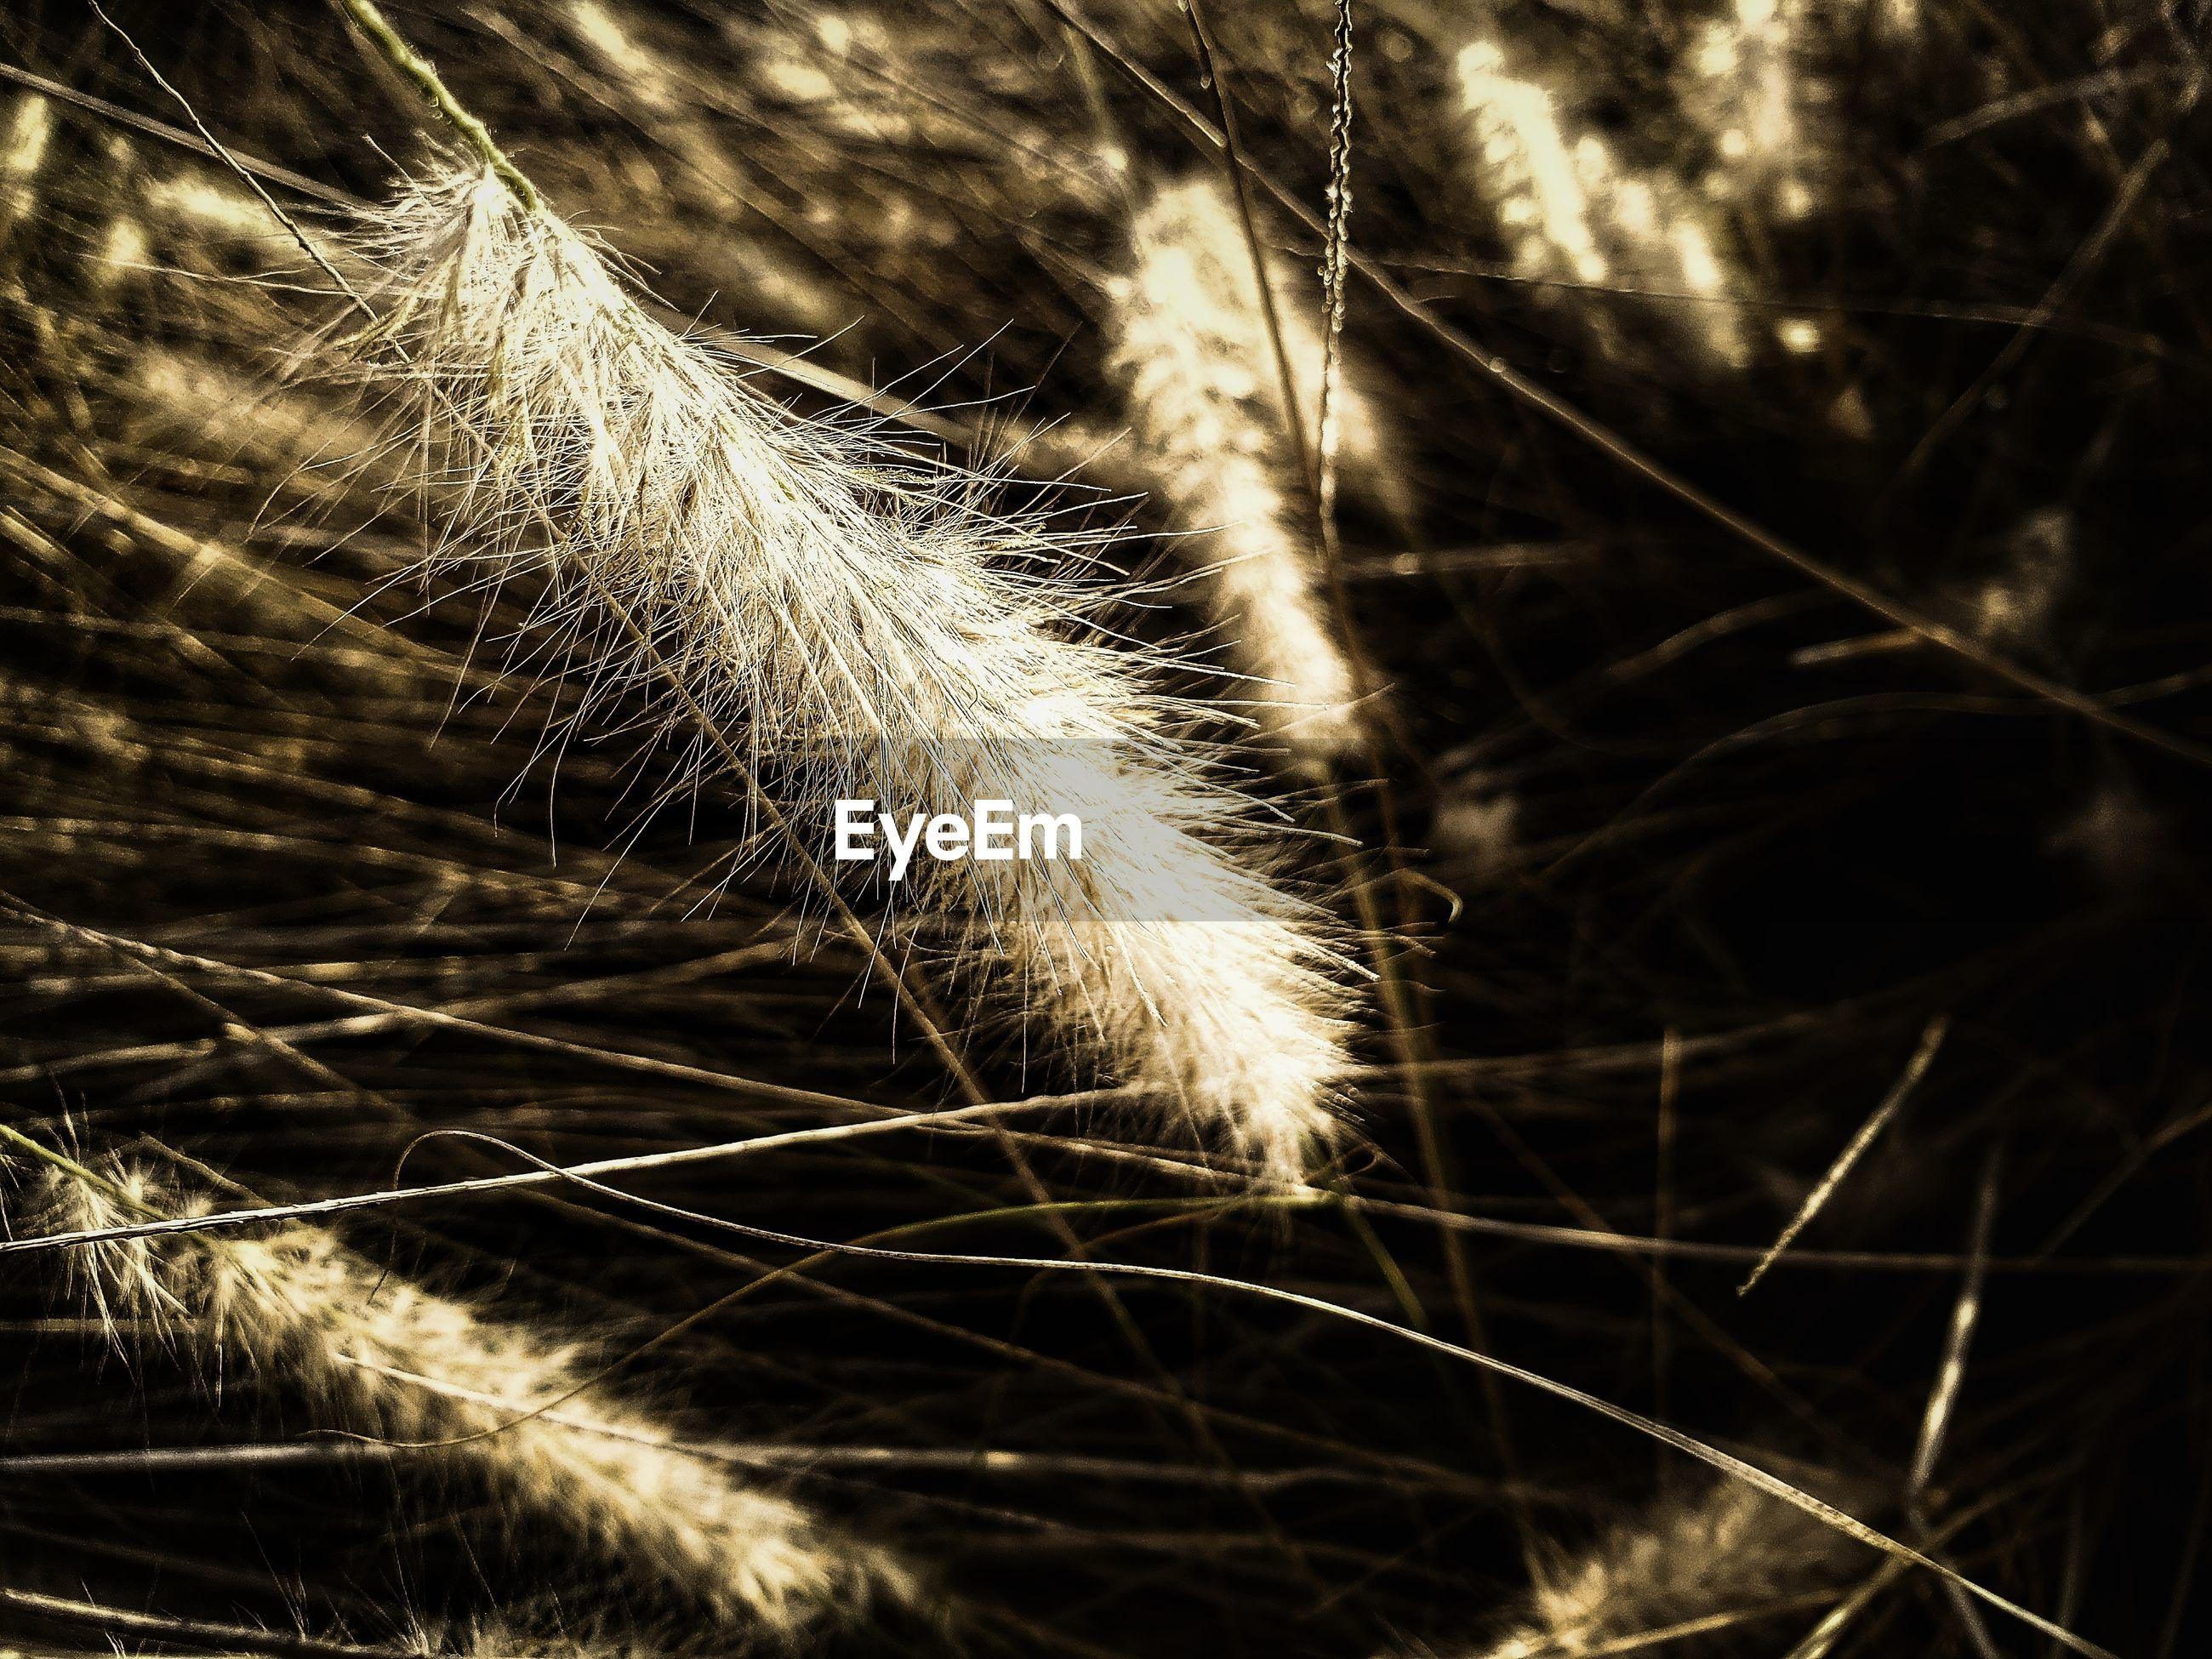 Macro shot of wheat growing in field